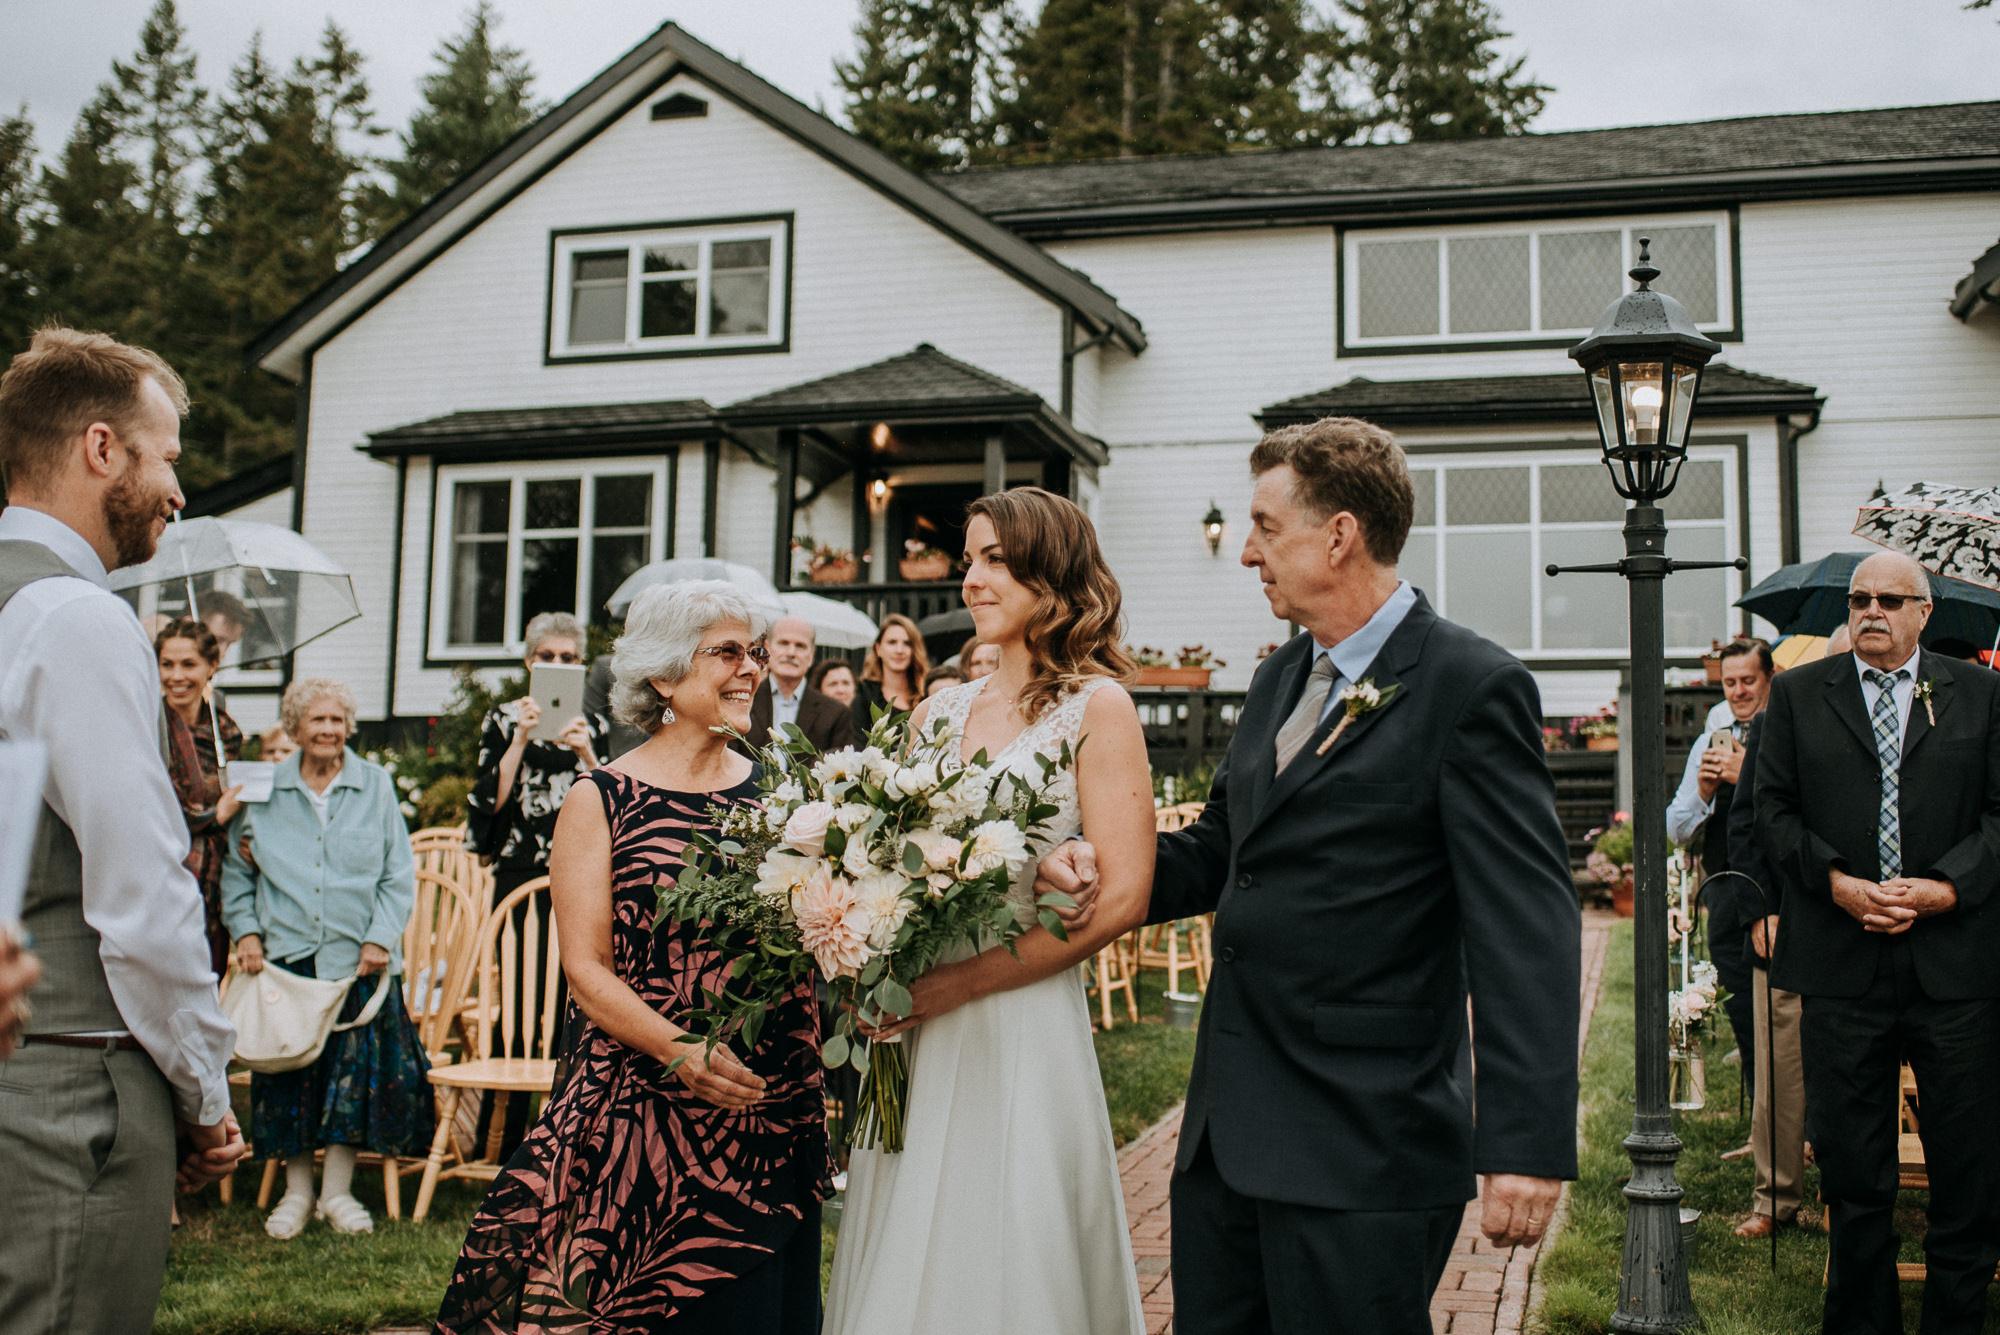 55-overbury-resort-thetis-island-wedding-jan-ian-6966.jpg